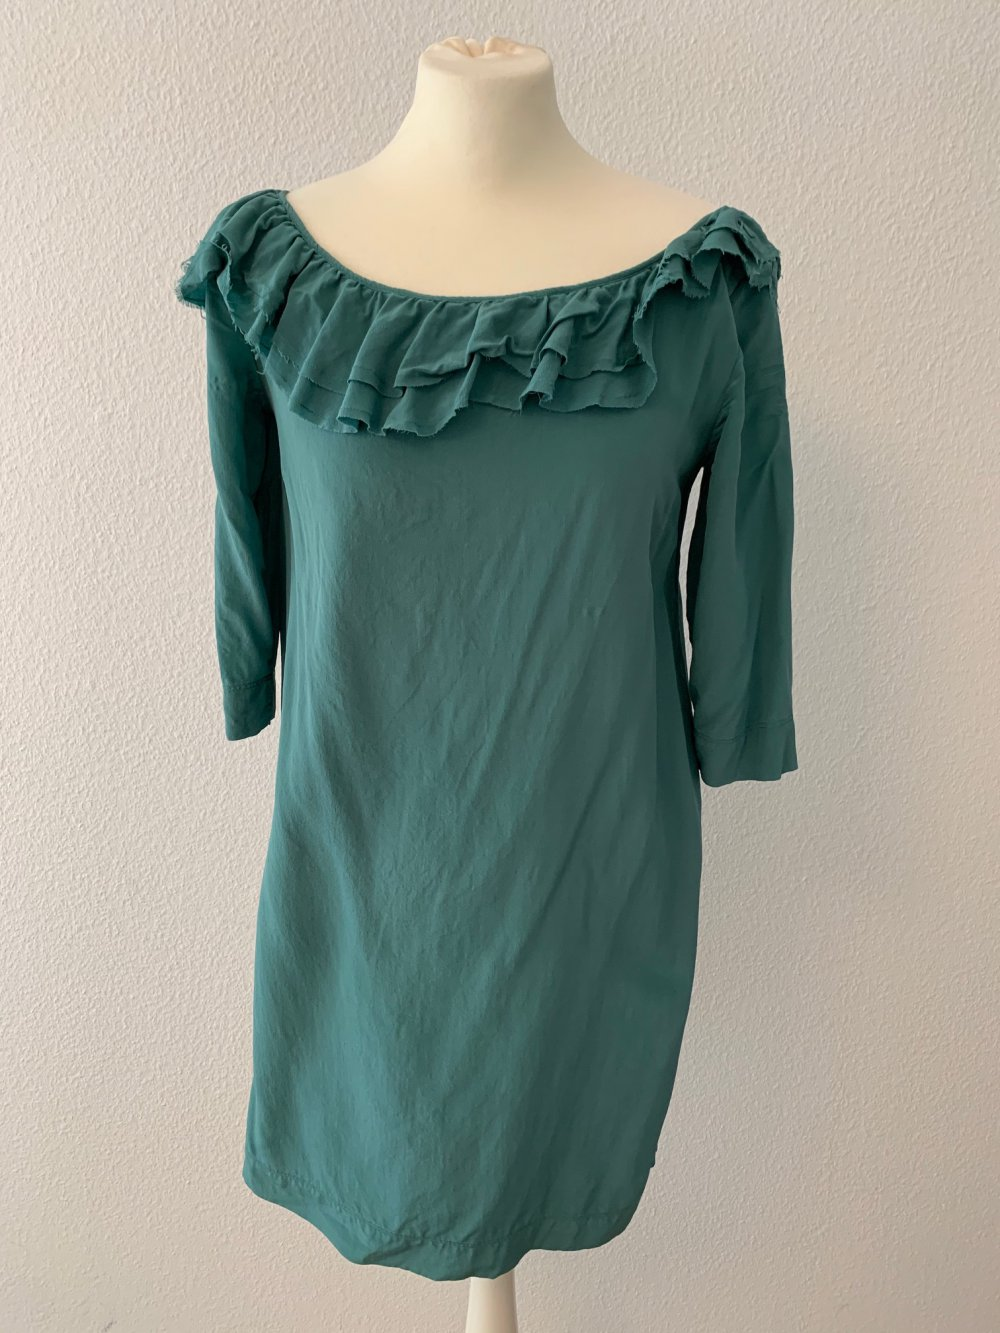 grünes kleid von e-go grün kleid mit rüschen kragen